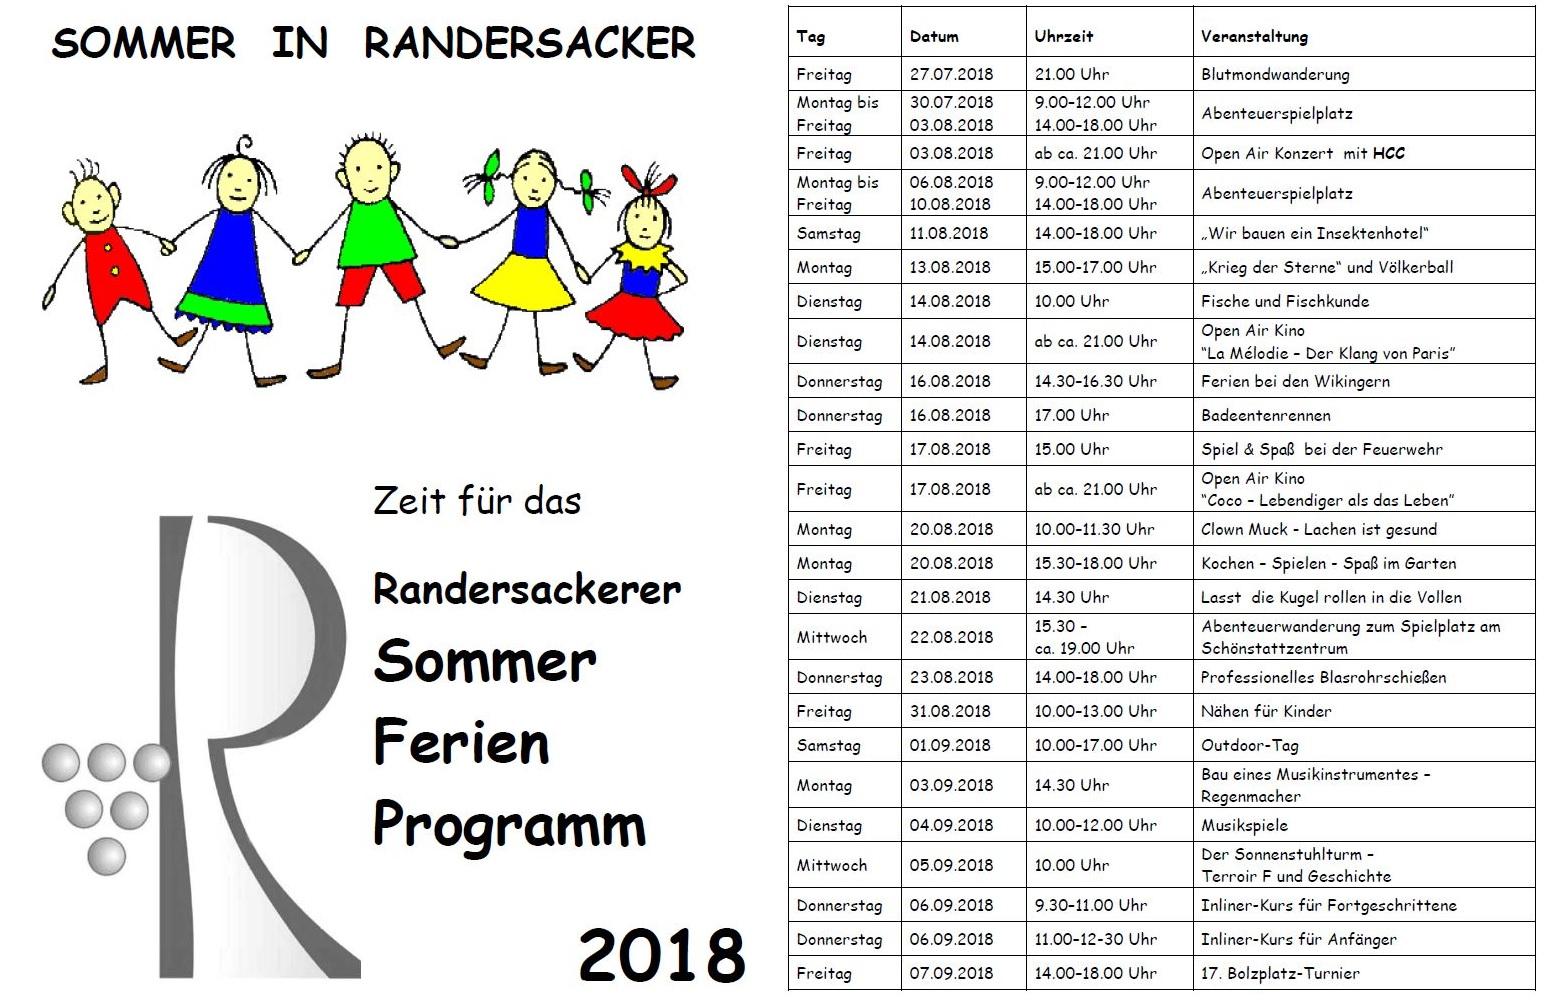 Sommer-Ferien-Programm 2018